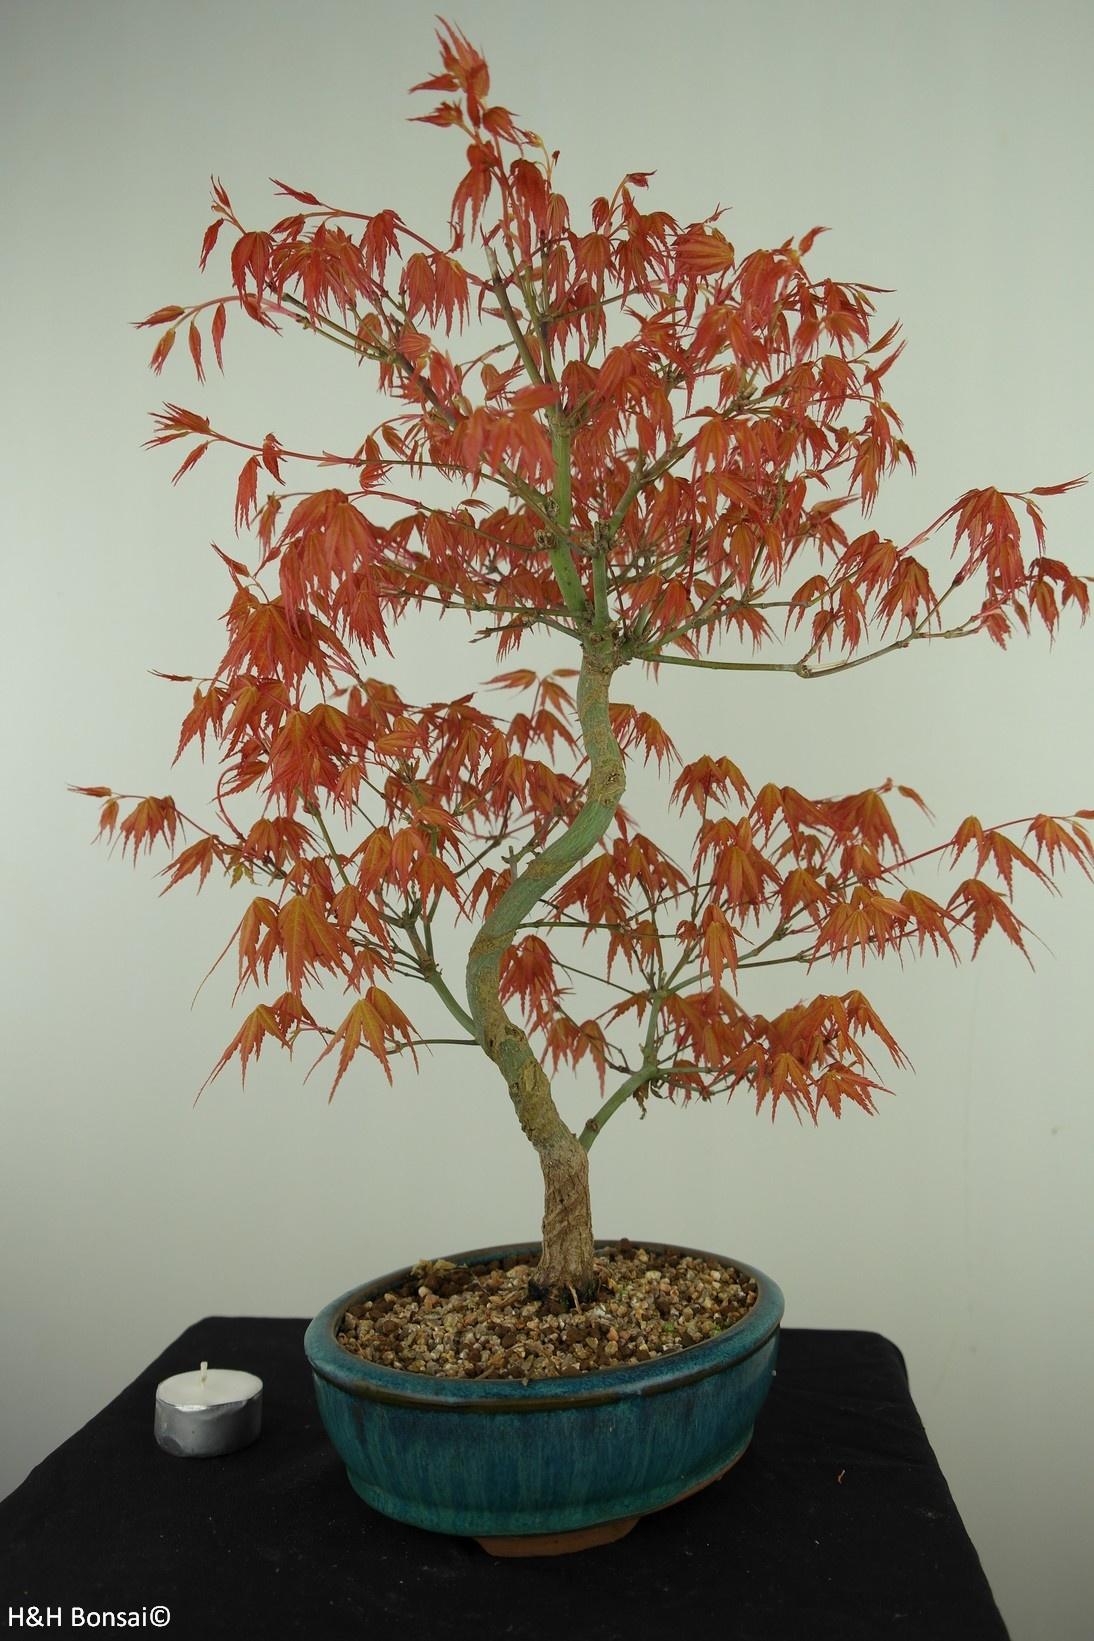 Bonsai Jap. Fächerahorn Katsura, Acer palmatum Katsura, nr. 7672